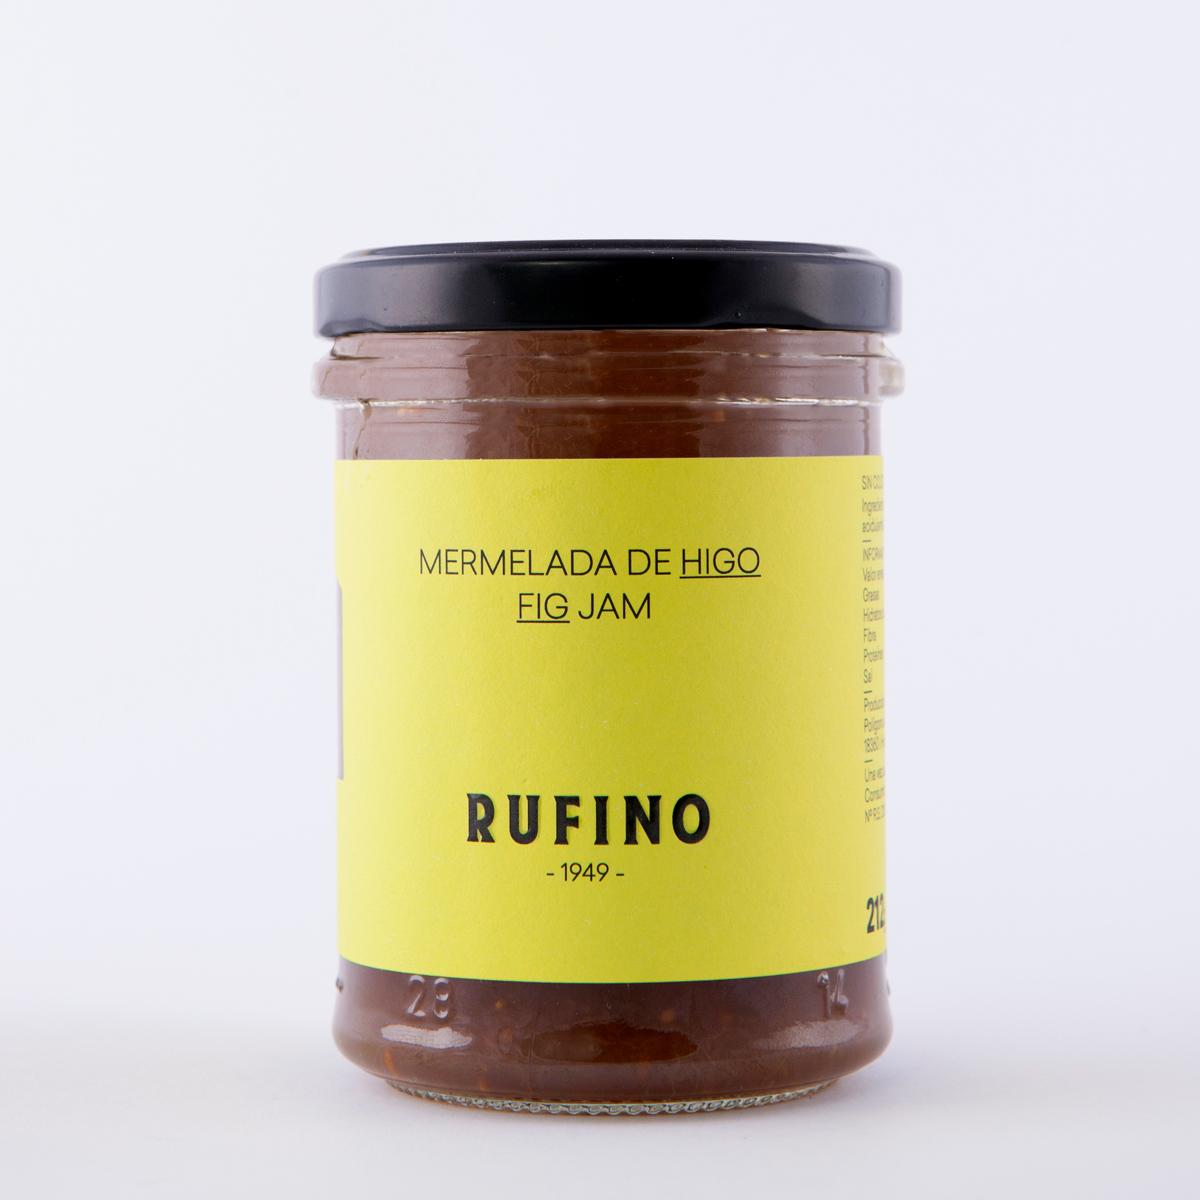 mermeladas-rufino-higo